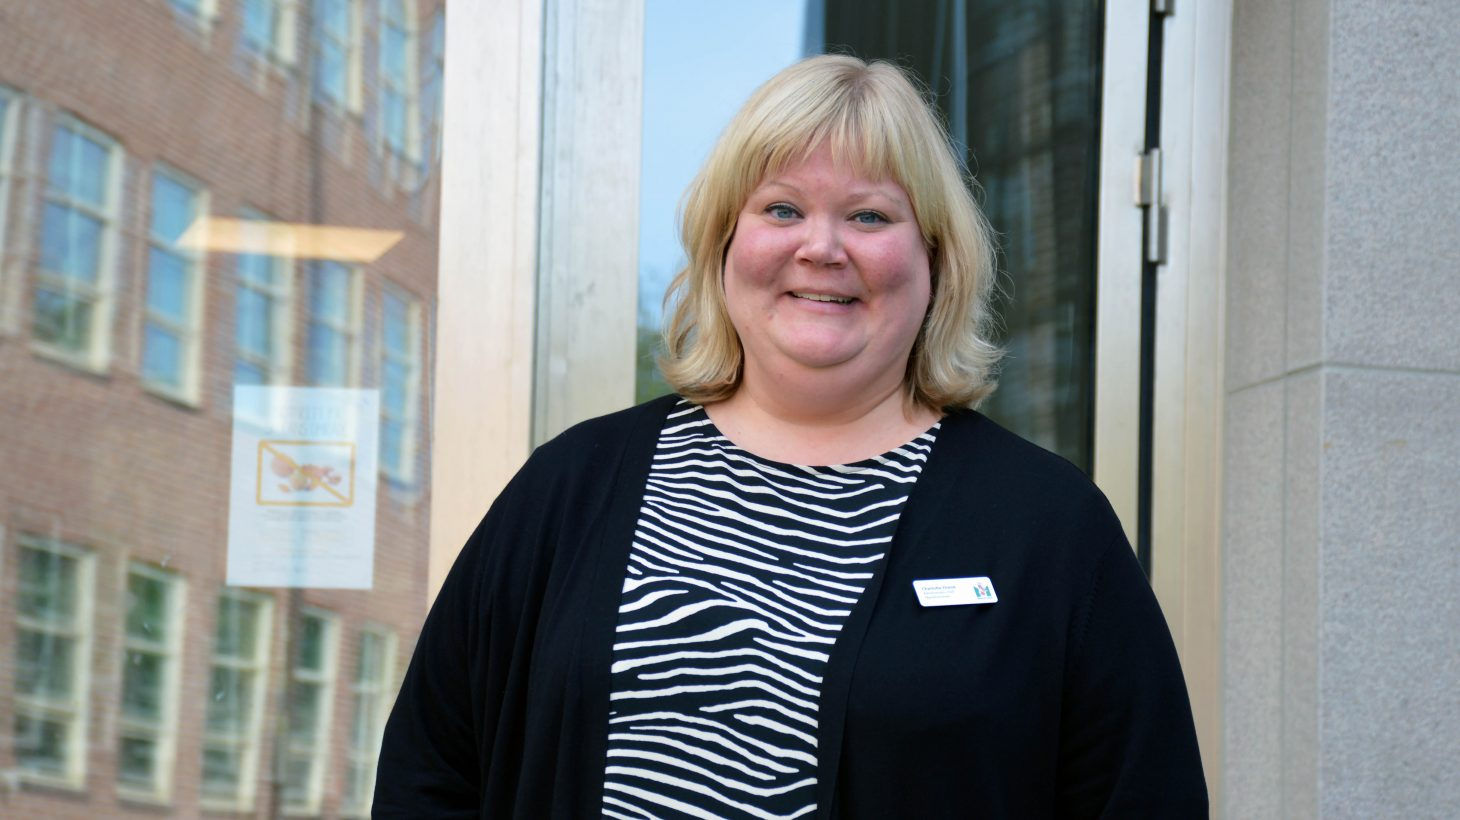 Charlotte Drene administrativ chef Fågelbacksskolan står framför skolan.